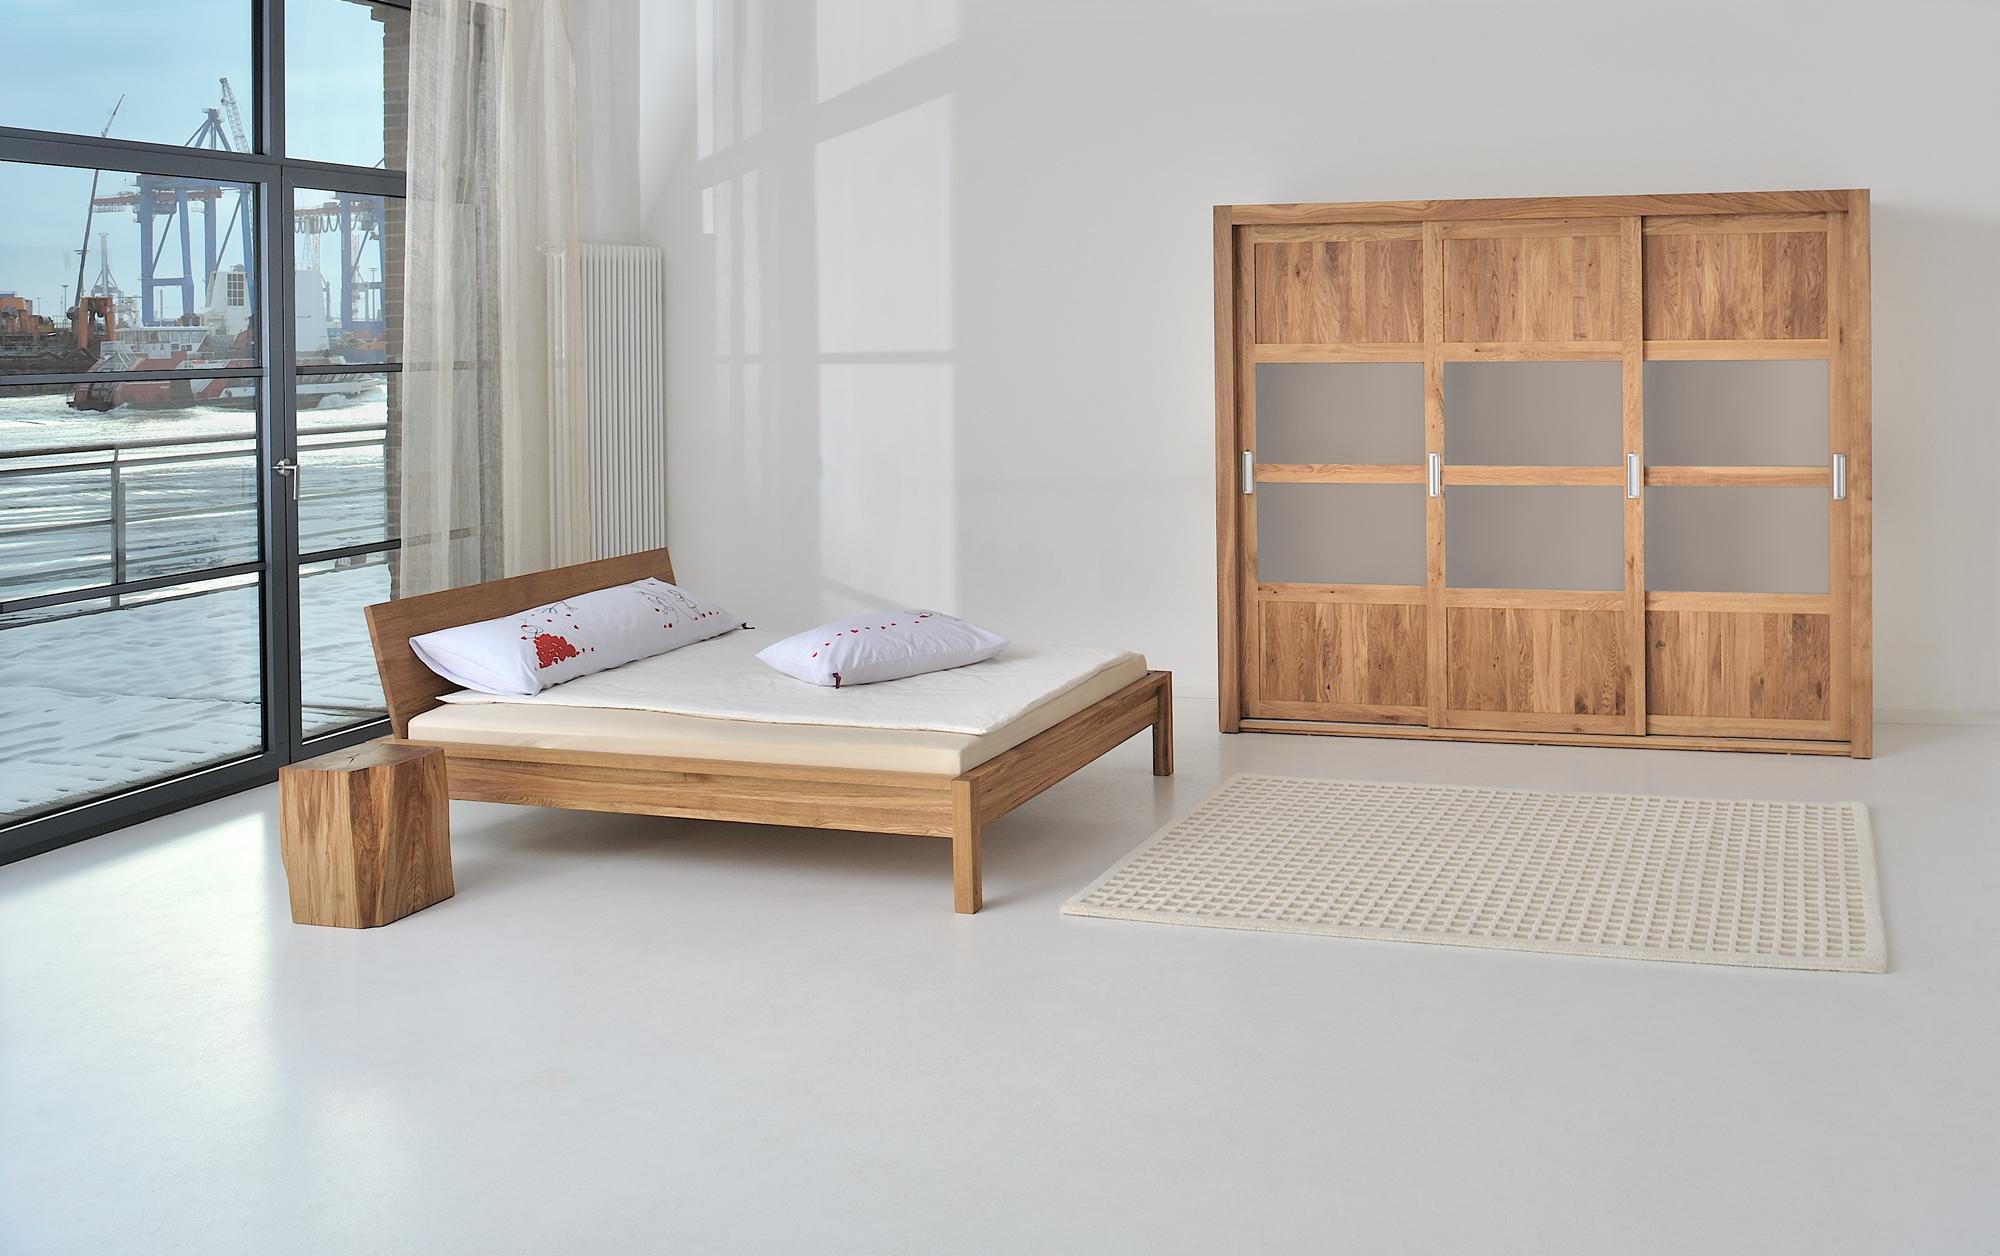 Full Size of Bett Im Schrank Kombi Versteckt 160x200 Mit Sofa Apartment Schrankwand Schreibtisch Kombination Set Ikea 140 X 200 Integriert Kaufen Bett Bett Im Schrank